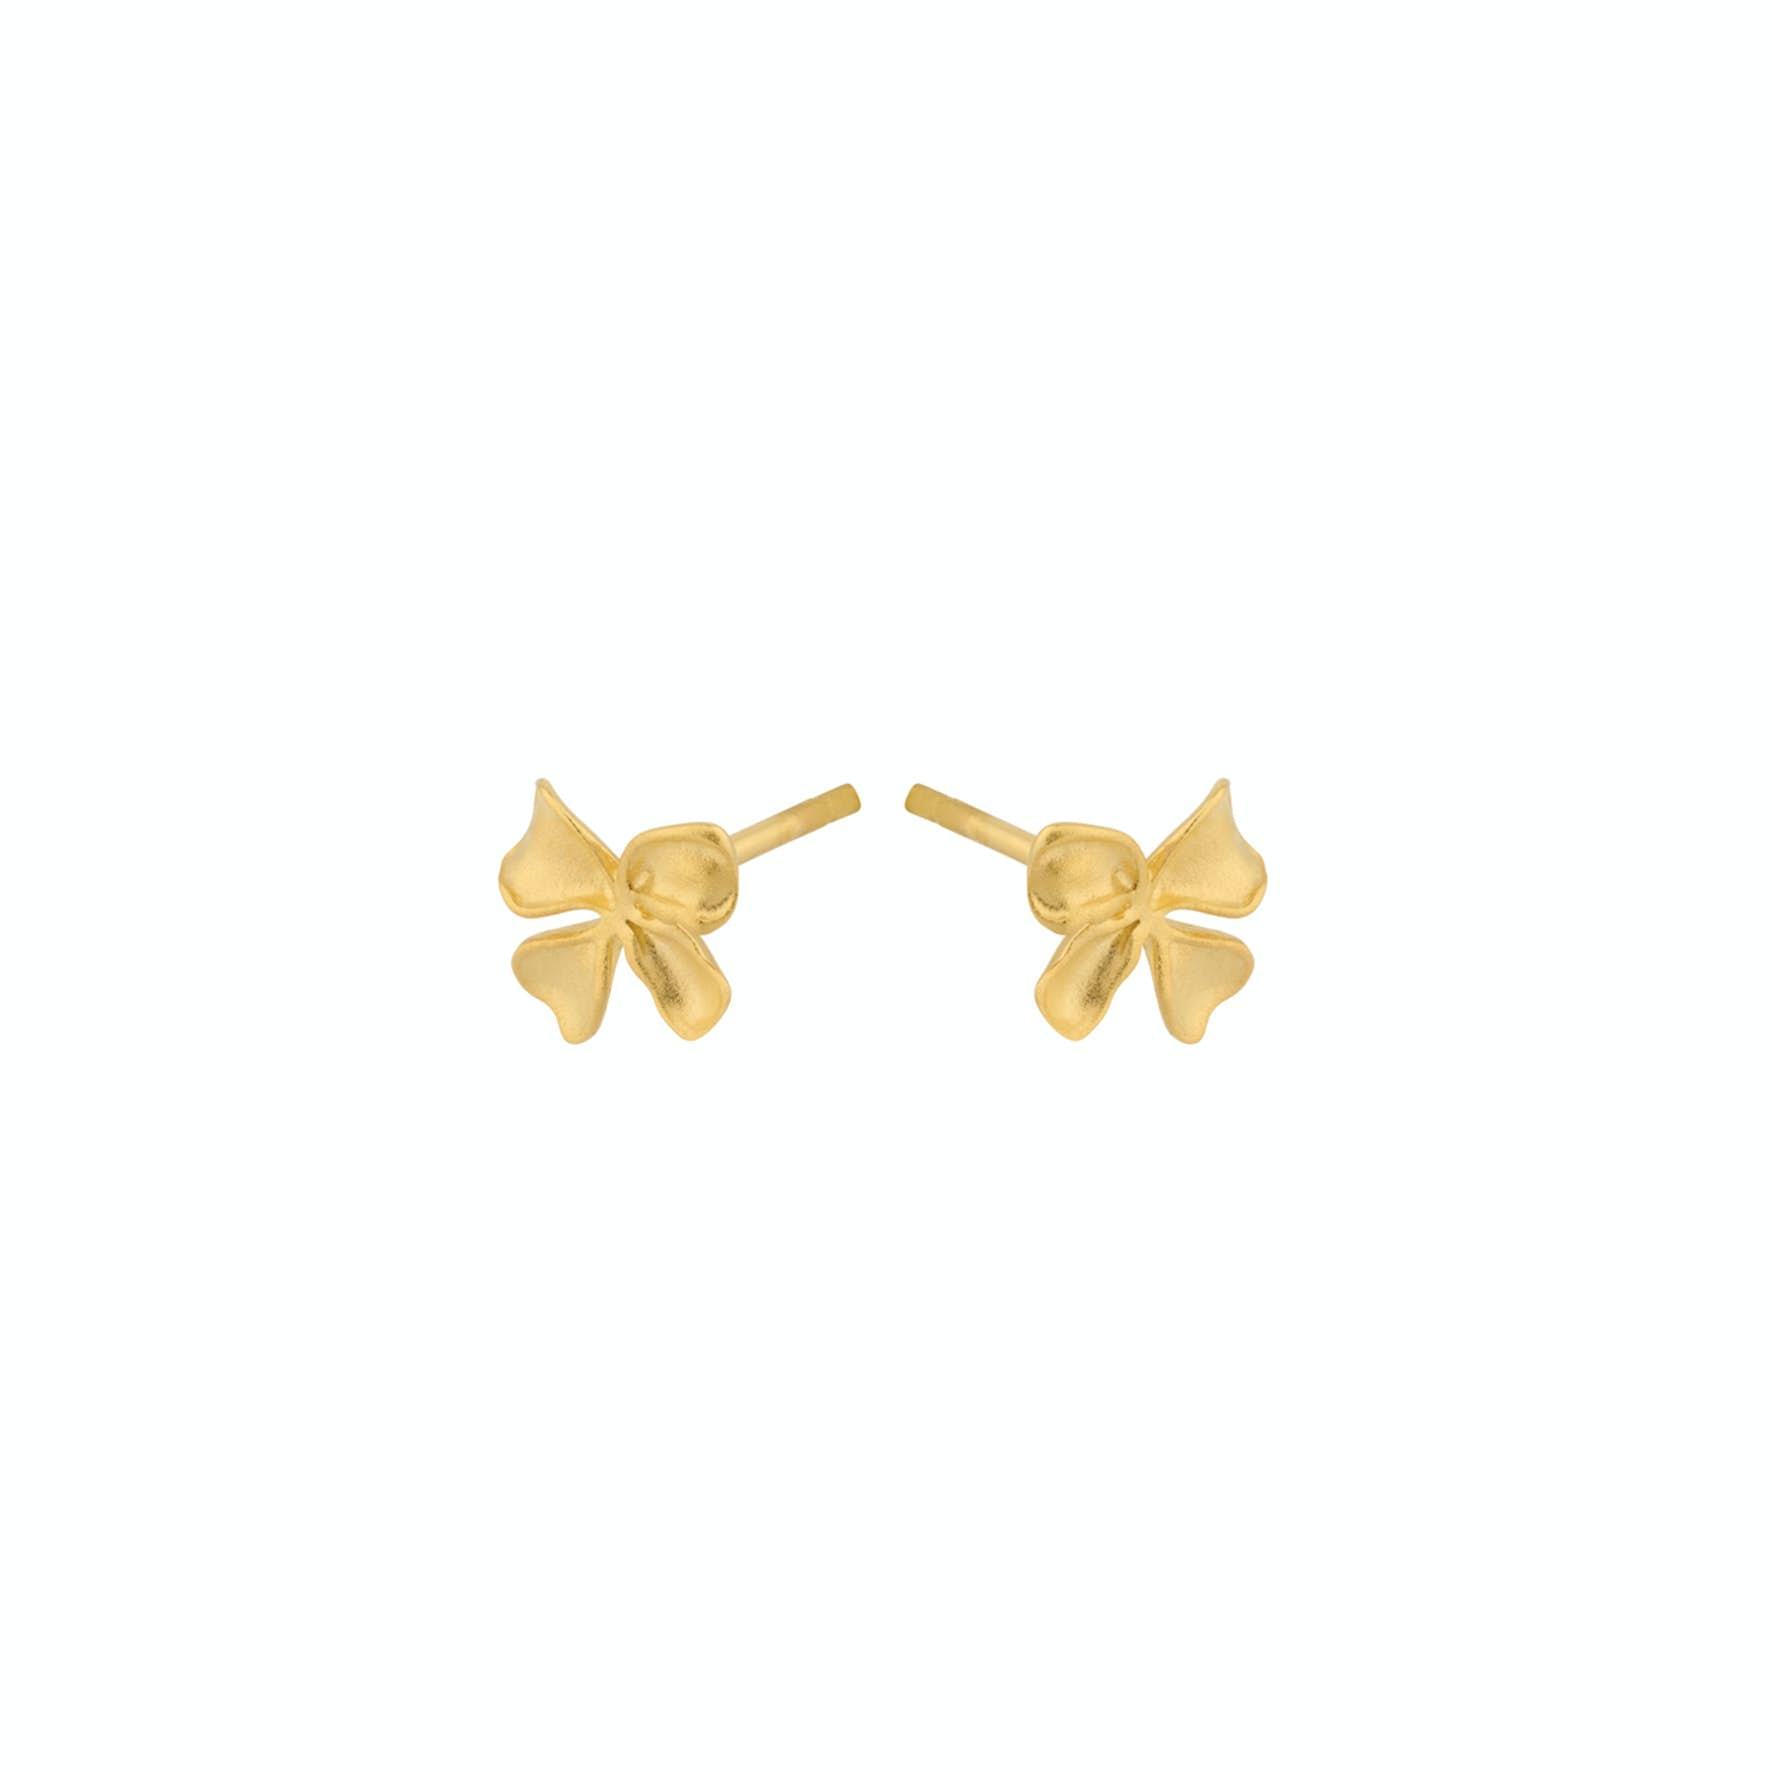 Bloom Earsticks fra Pernille Corydon i Forgylt-Sølv Sterling 925